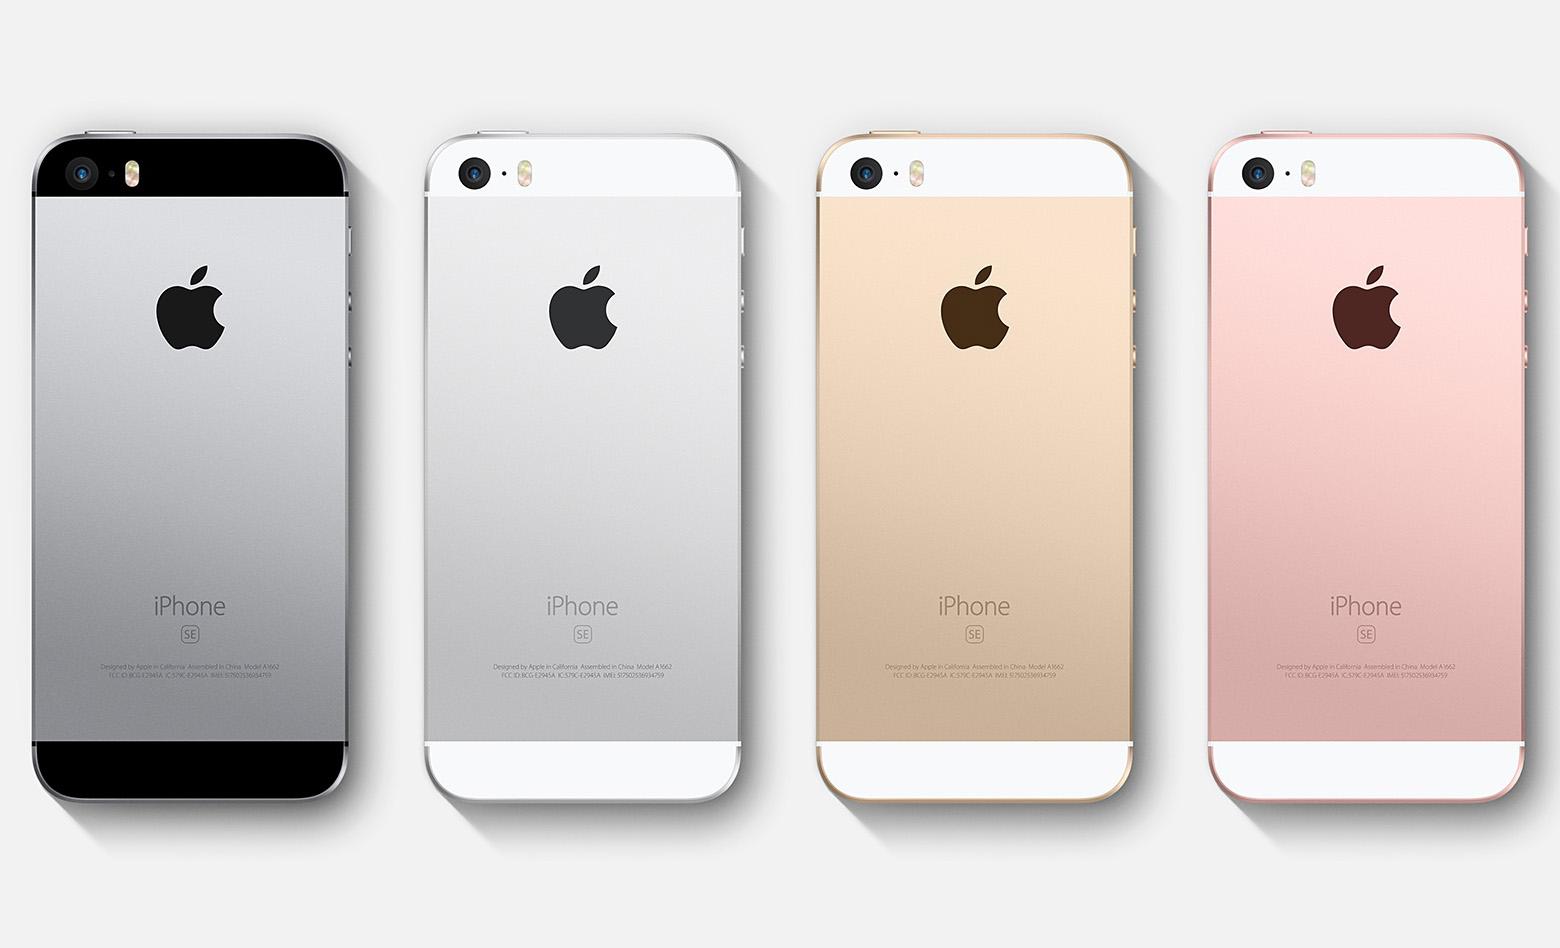 Apple-iPhone-7ye-Kırmızı-Renk-Seçeneği-Eklendi_03